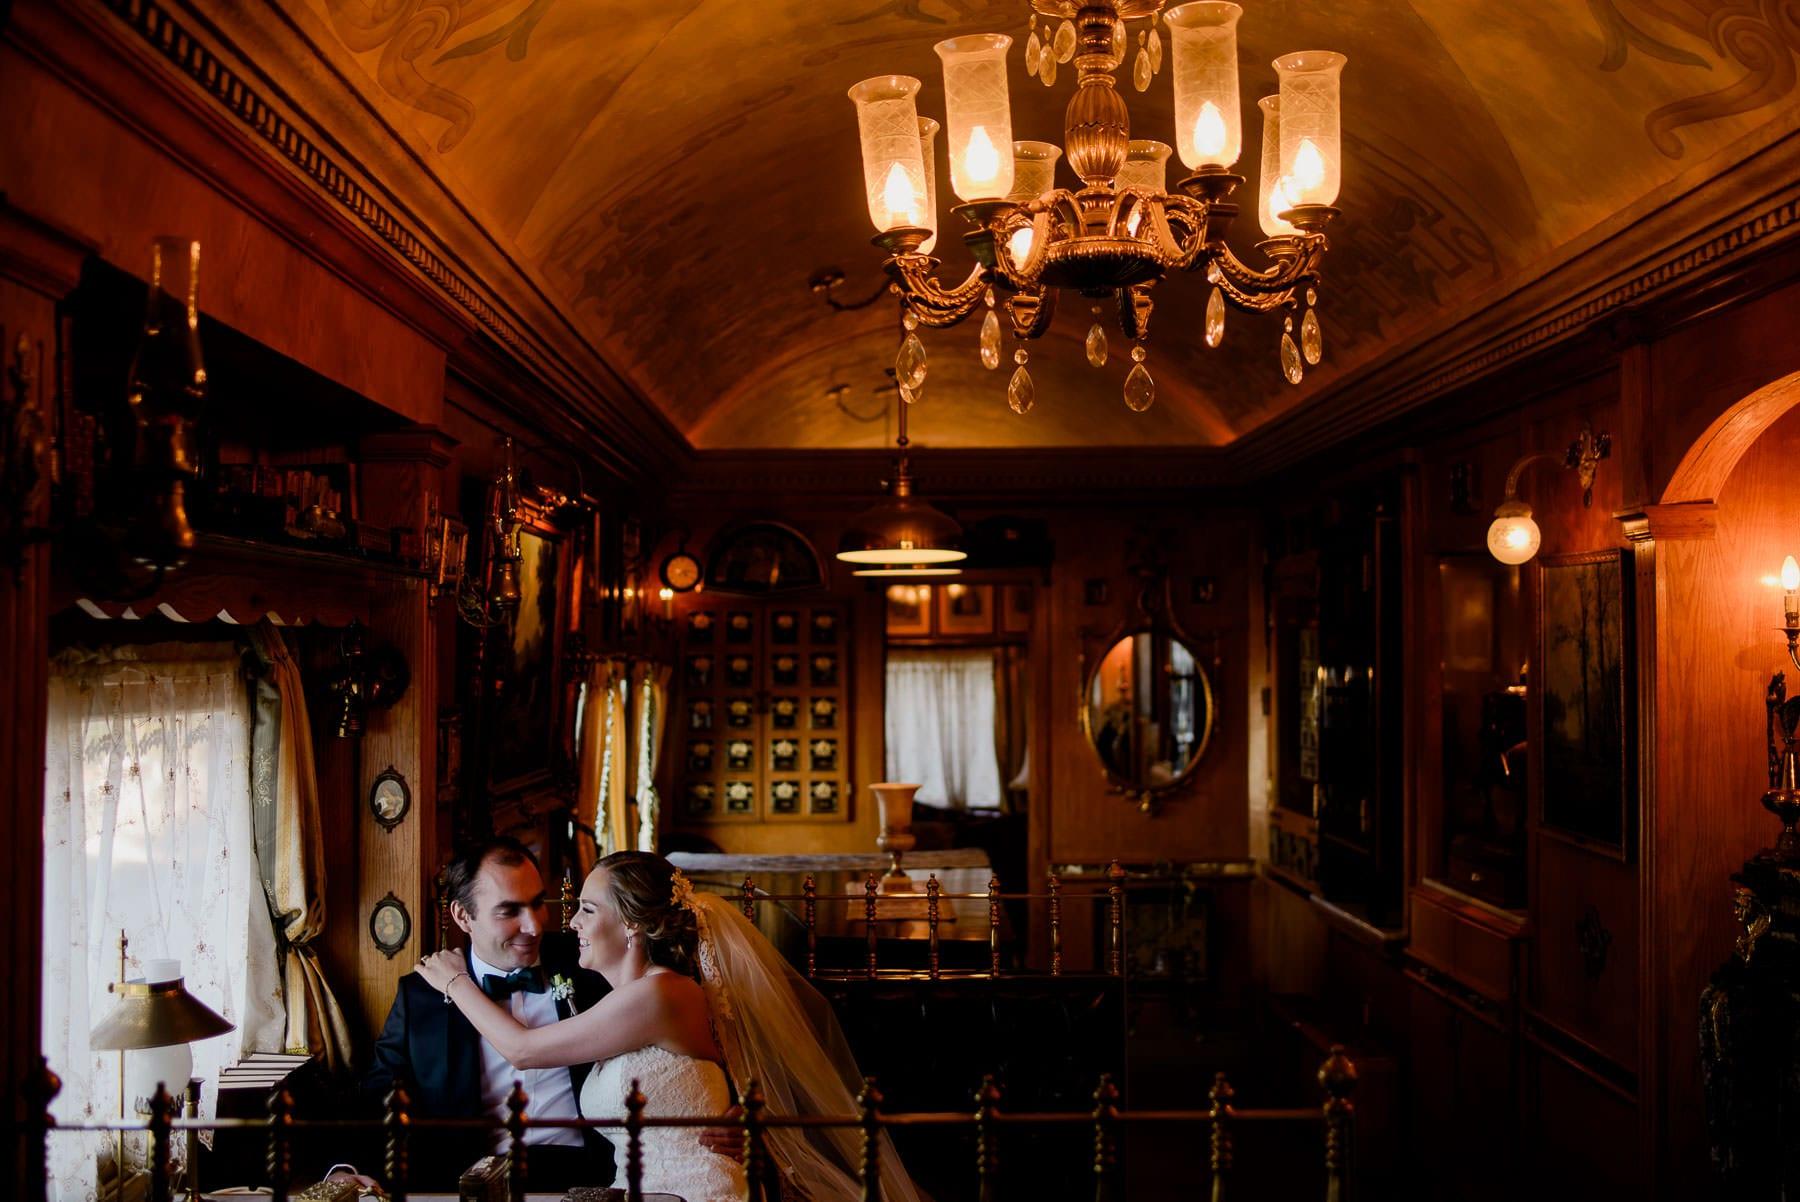 fotografo-de-bodas-en-queretaro-28